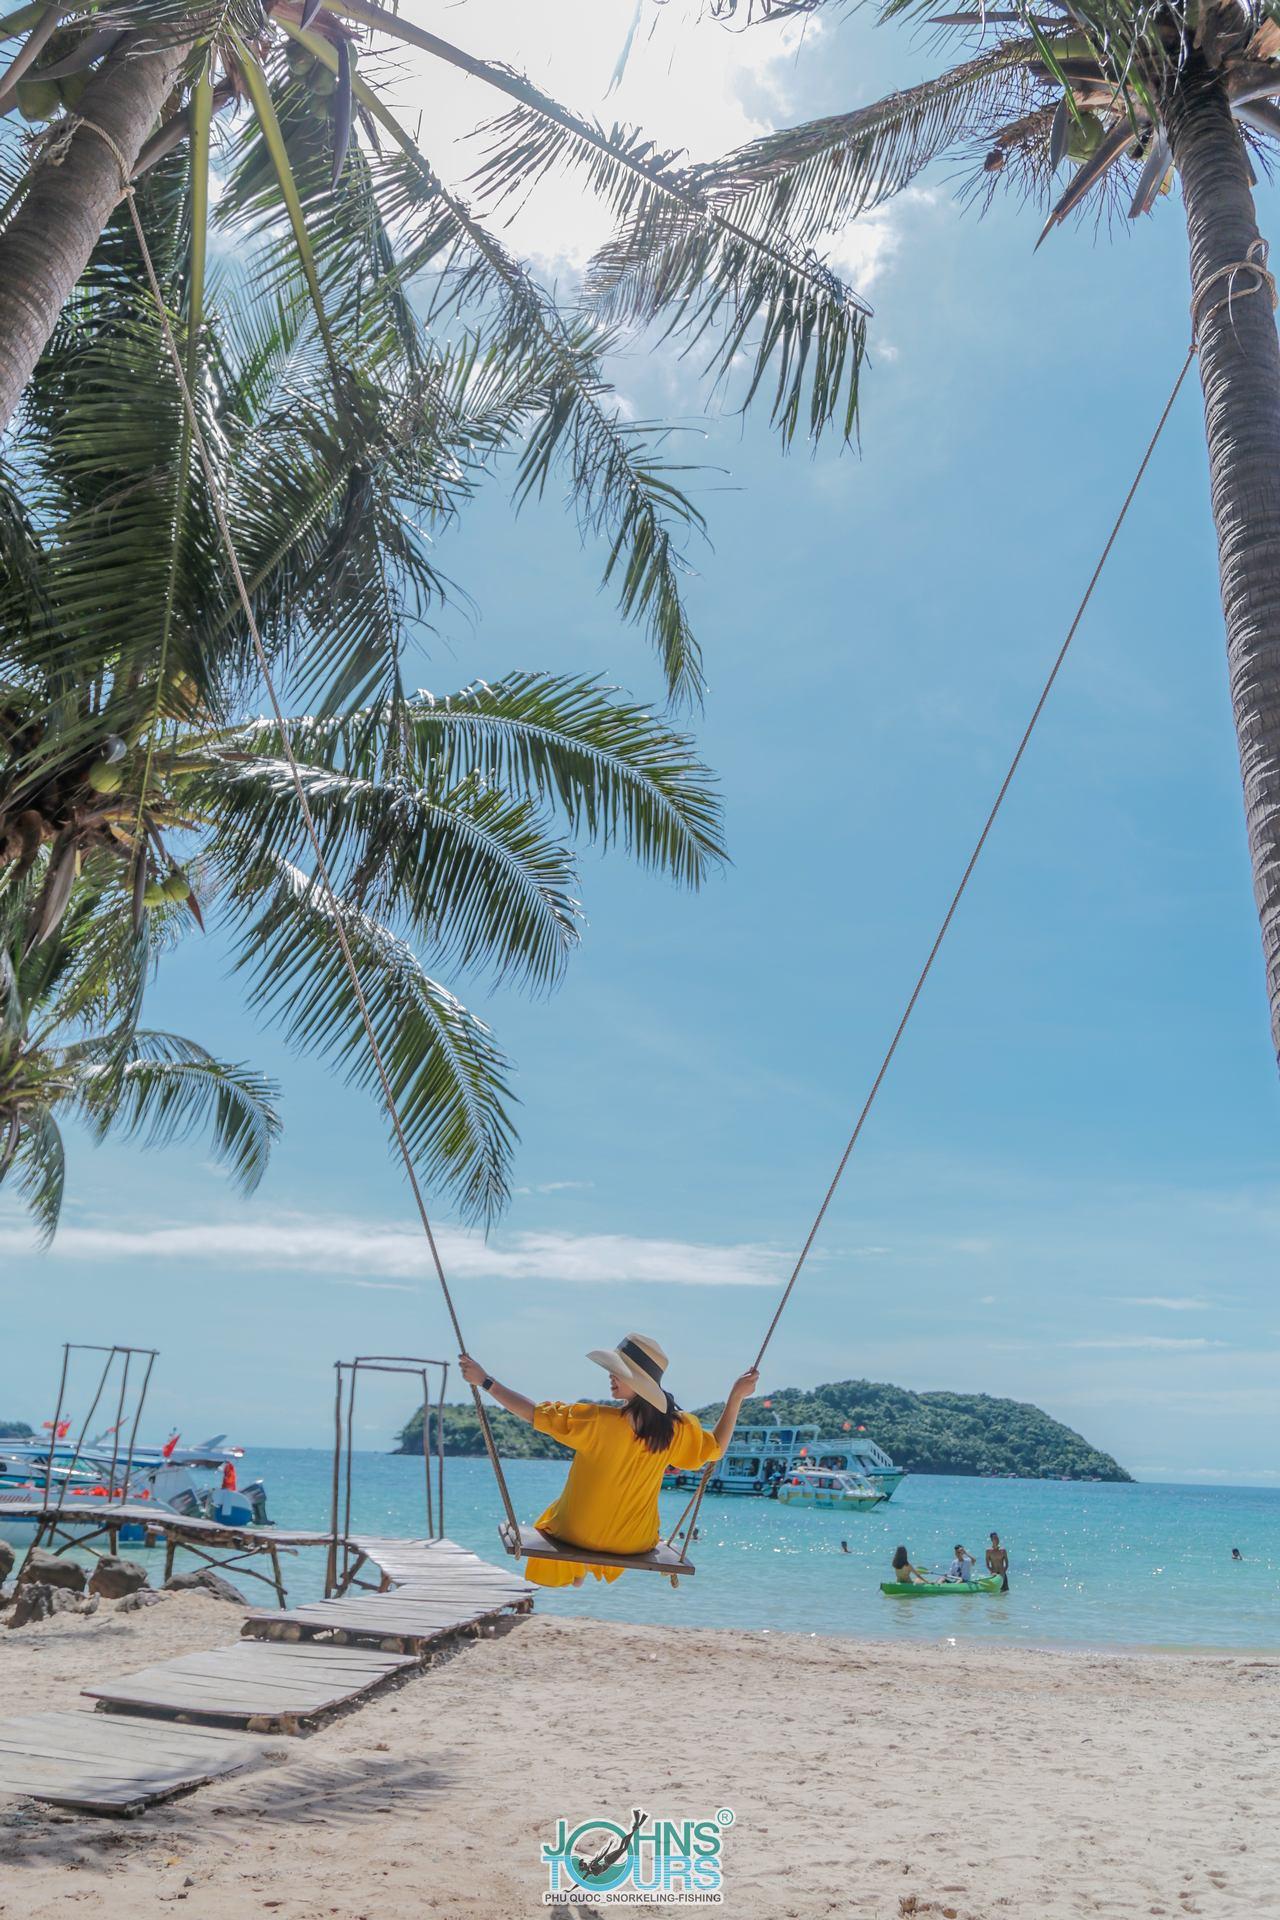 Bãi biển lý tưởng cho trẻ em vui chơi an toàn